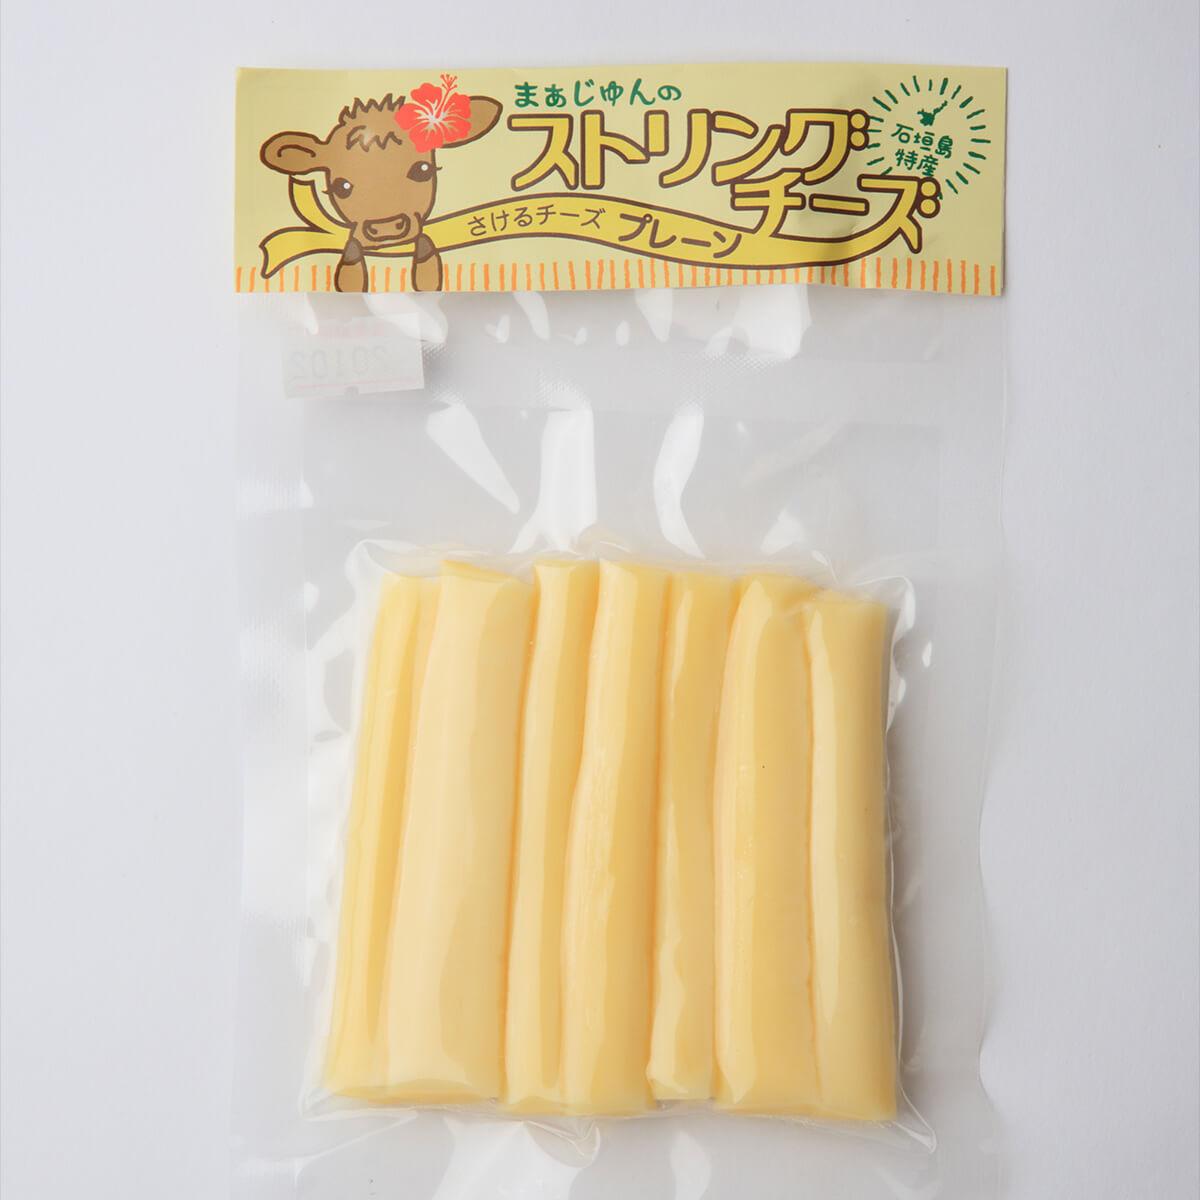 ストリングチーズ(プレーン)